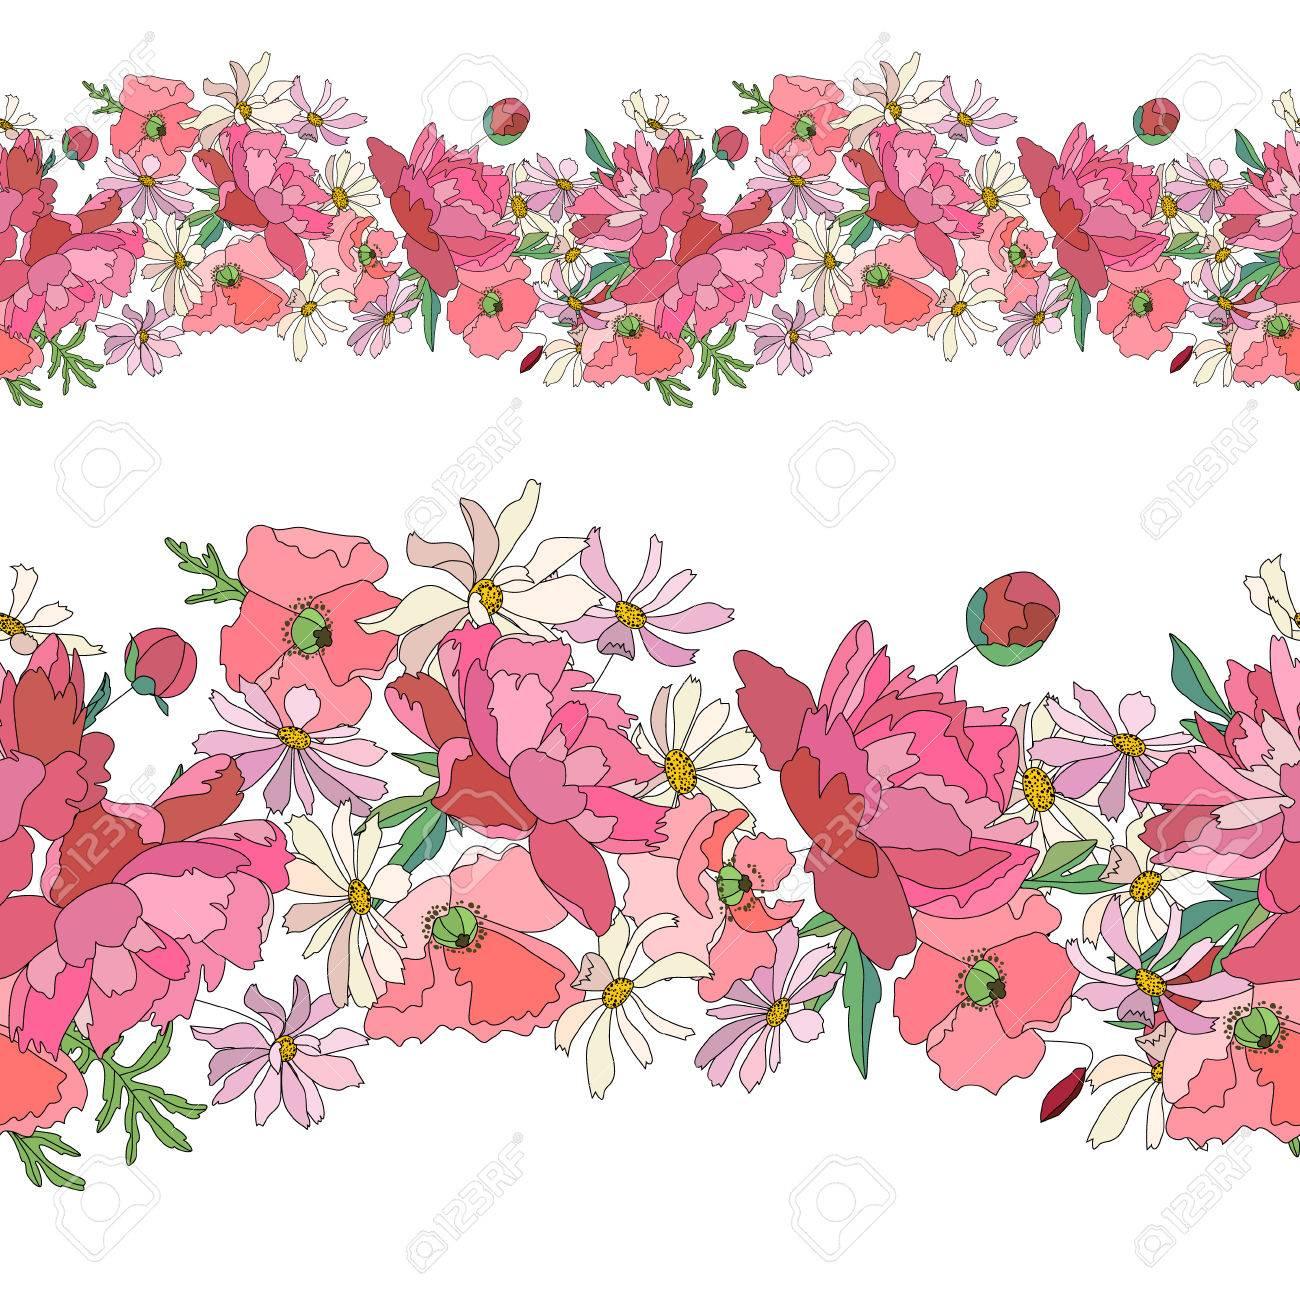 Motif Brosse Transparente Avec Fleurs Stylisées Dété Vives Texture Horizontale Sans Fin Couleurs Rose Et Rouge Poppy Marguerite Et De Pivoine